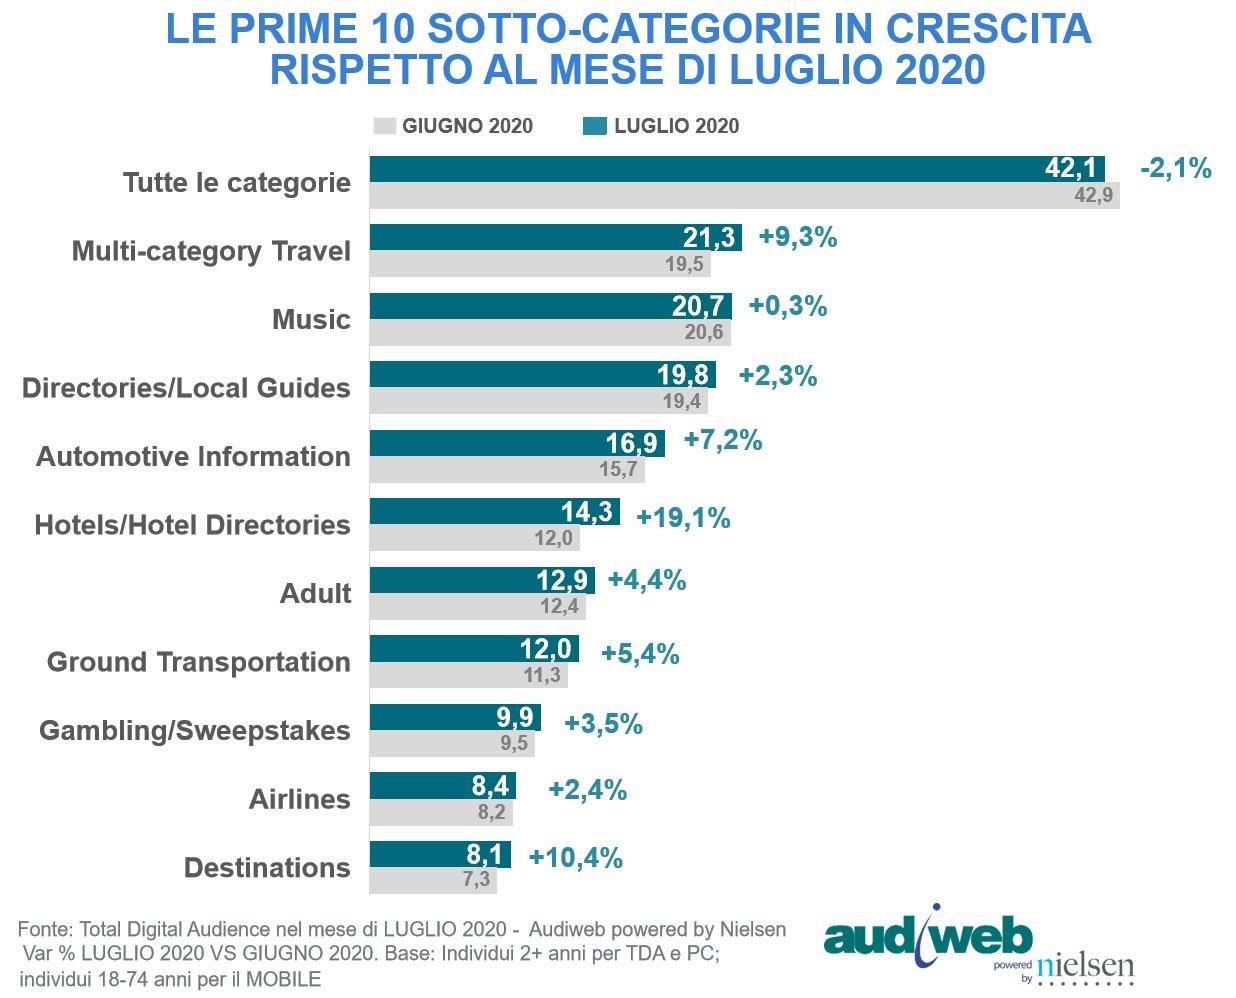 Total Digital Audience Luglio 2020 categorie siti crescita - Web. A luglio 2020 sul web calo generalizzato di accessi rispetto ai mesi precedenti. Ma è fisiologico